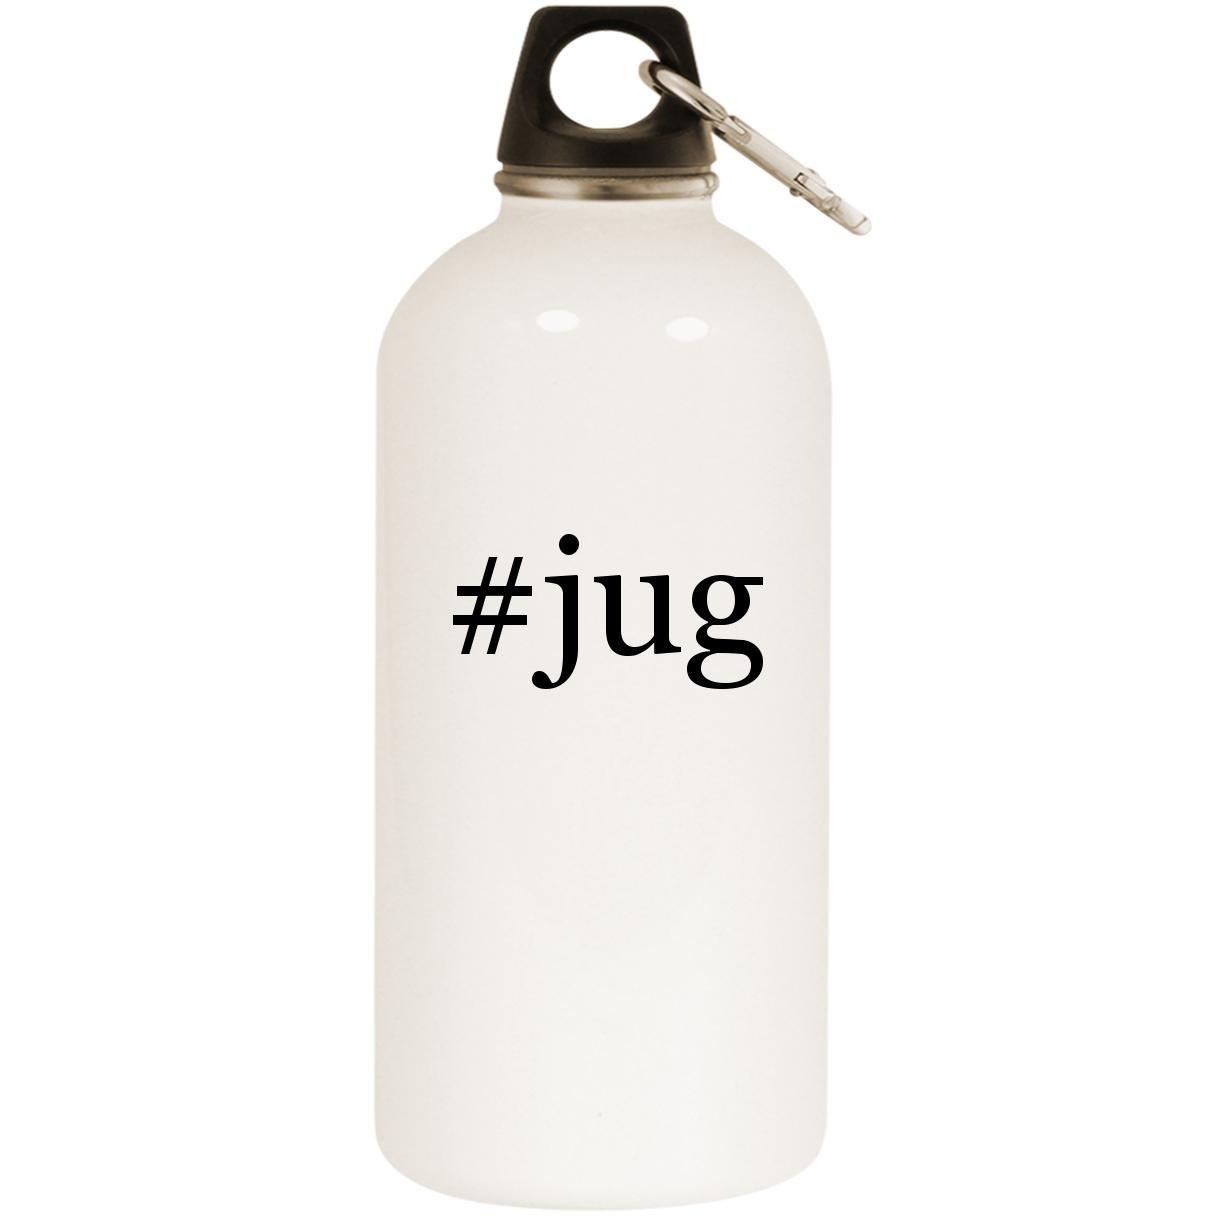 # Jug – ホワイトハッシュタグ20ozステンレススチールウォーターボトルカラビナ B0741YJNBR